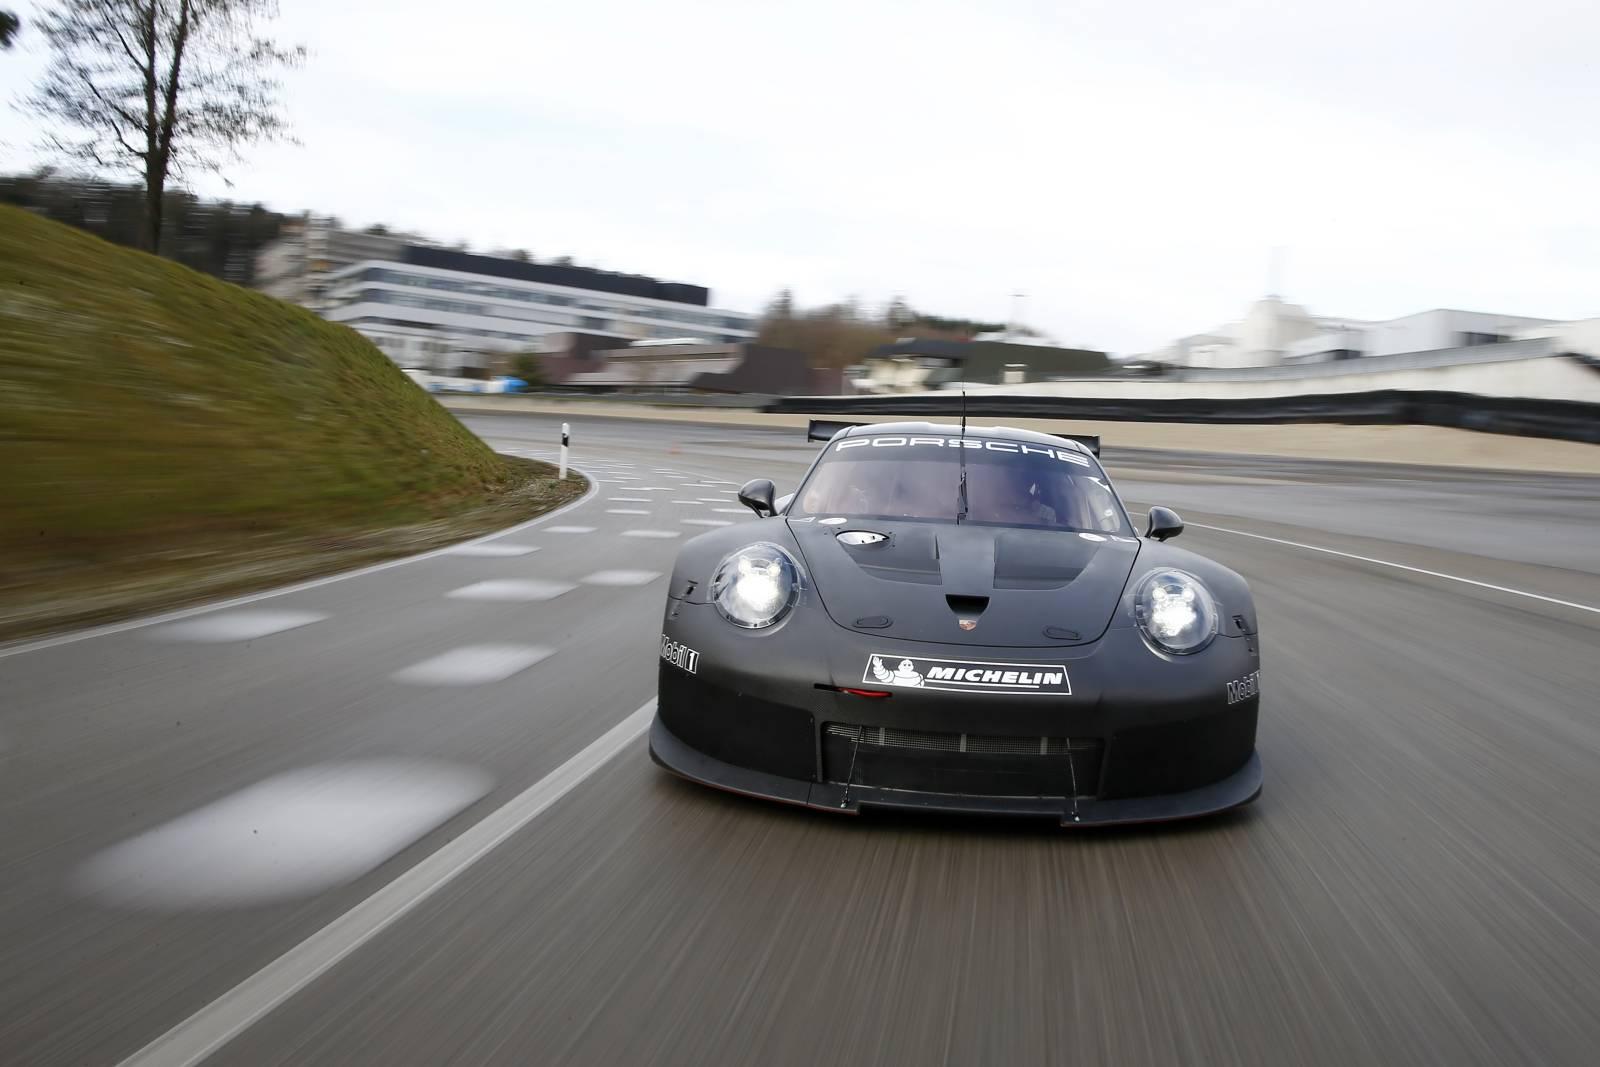 Porsche-911-RSR-01